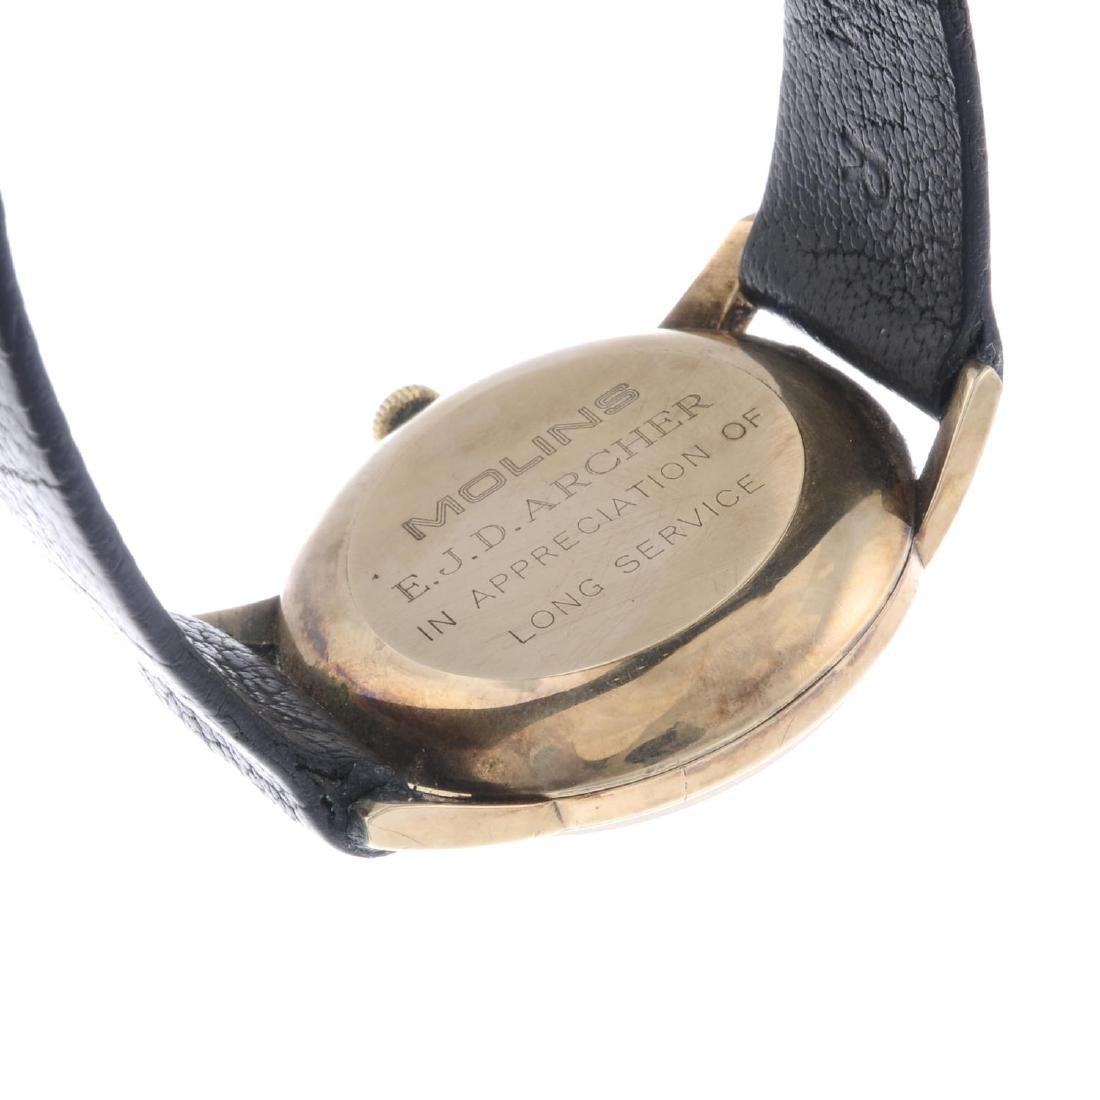 GARRARD - a gentleman's wrist watch. 9ct yellow gold - 3